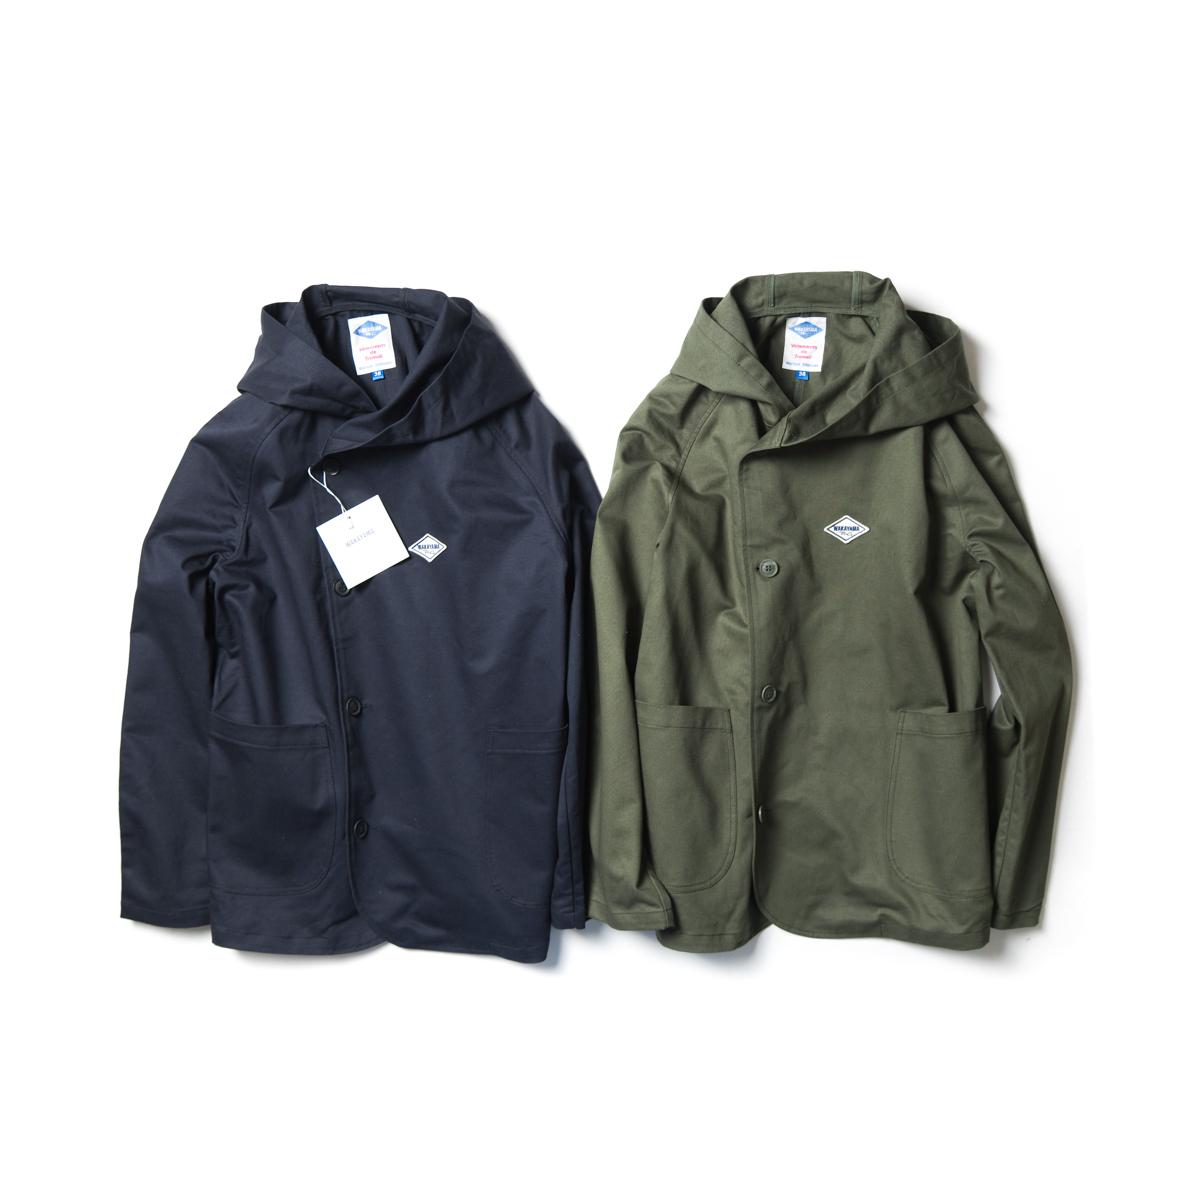 Камуфляжные куртки Артикул 590928149389